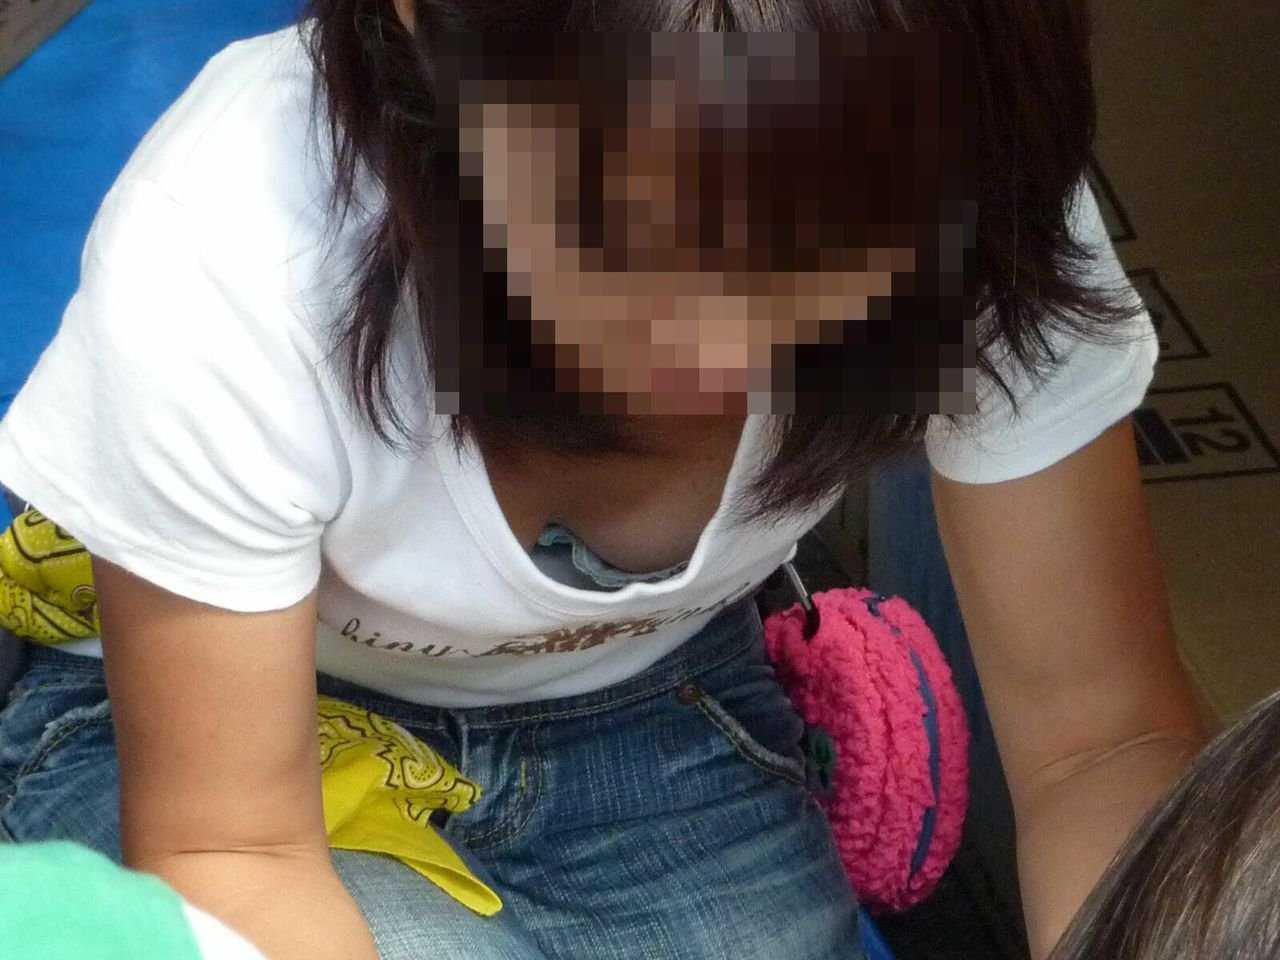 おっぱいチラチラしている女の子 (14)